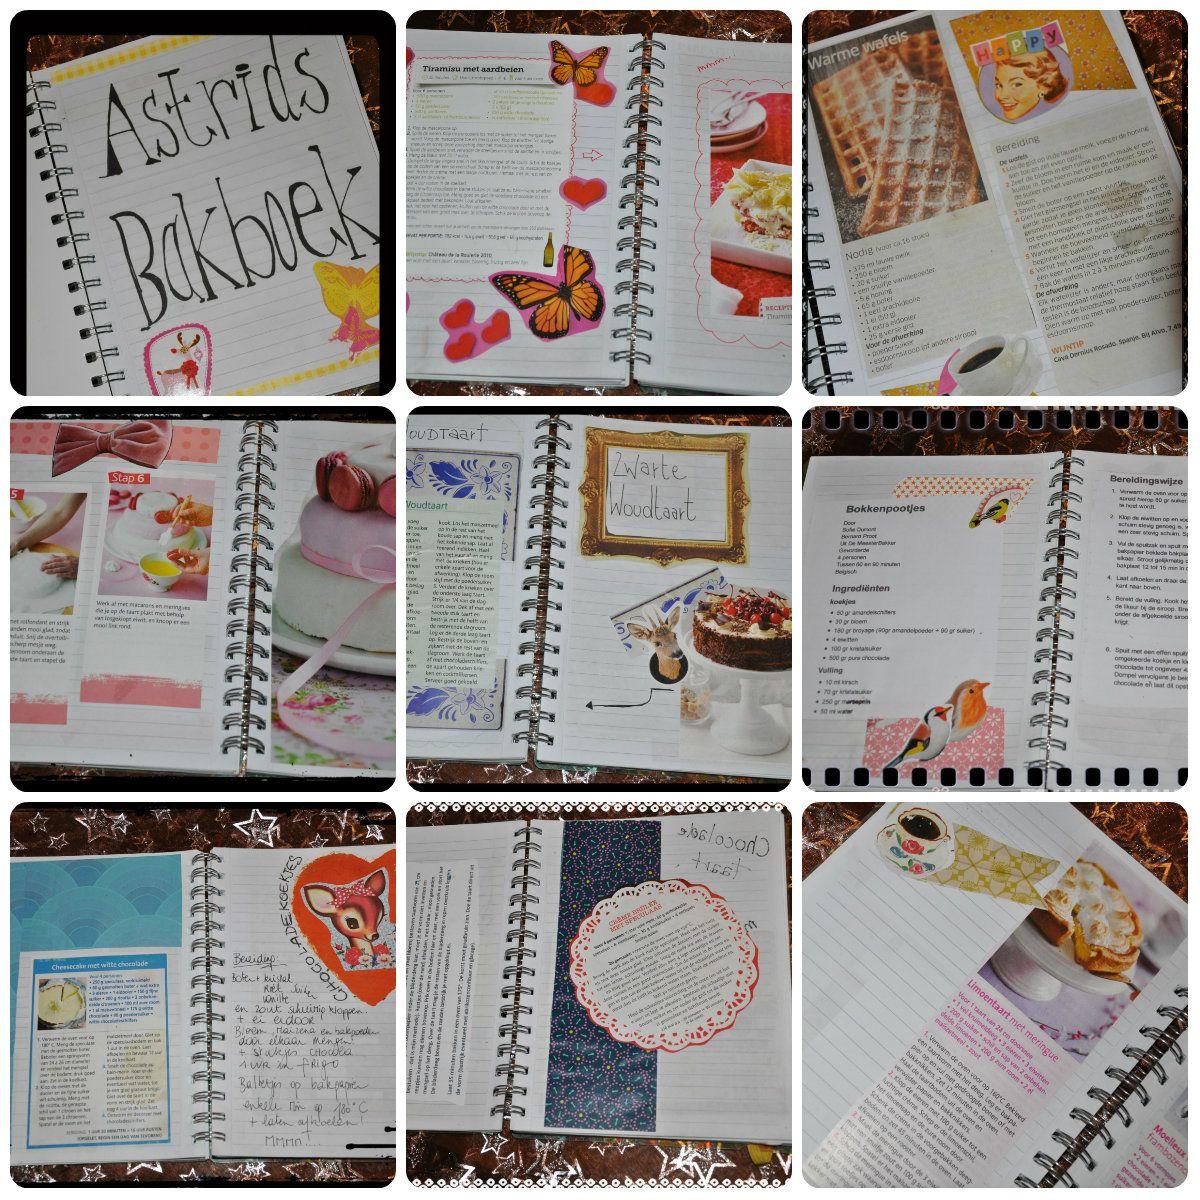 Fonkelnieuw Zelf kookboekje maken | Creatief, Knutselen, Projecten HI-02